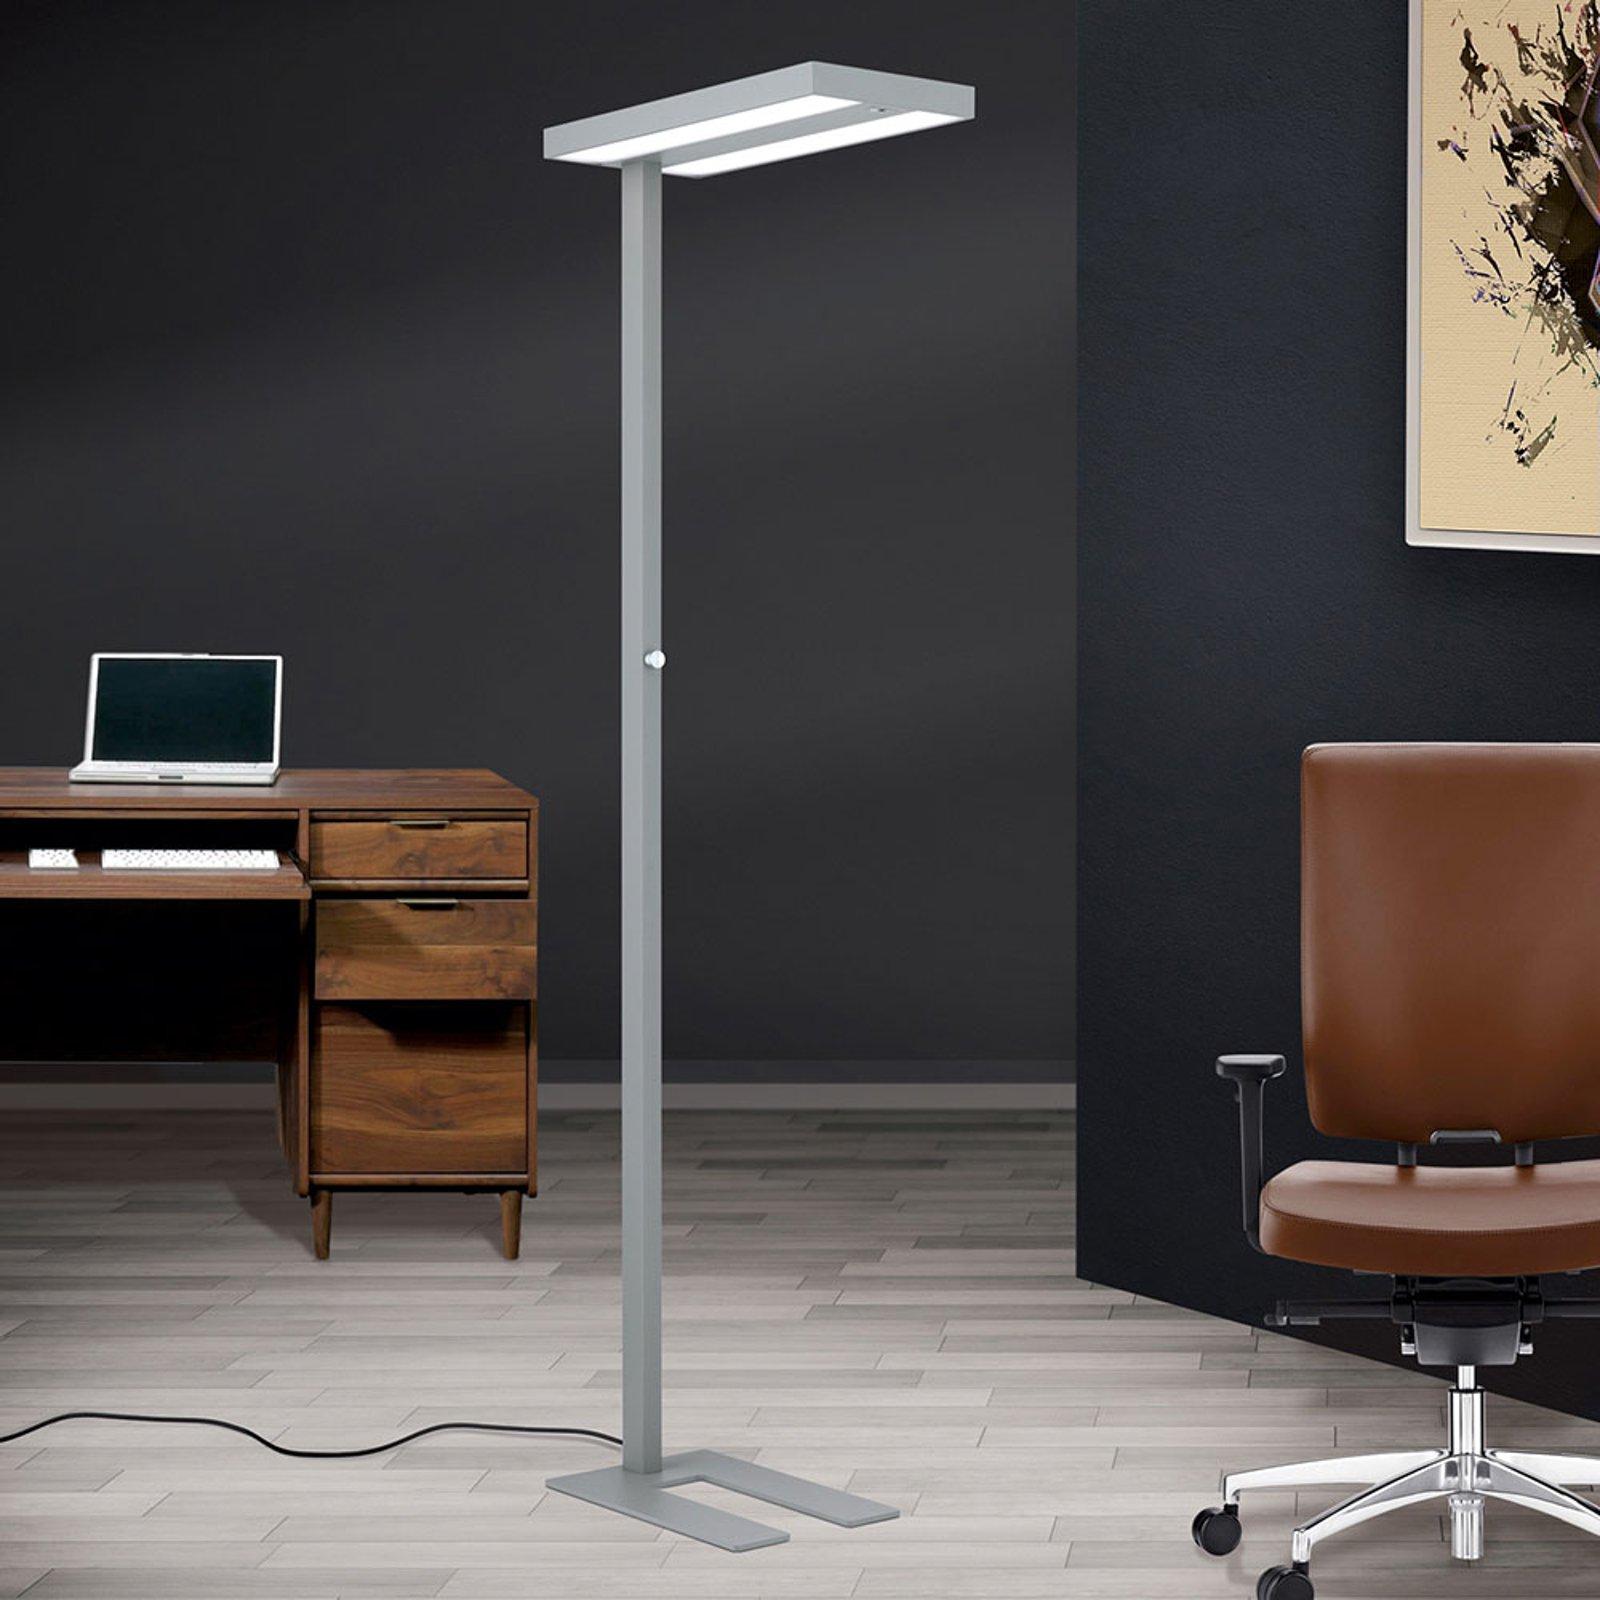 LED-gulvlampe kontor Deno dagslys-, bev.sensor